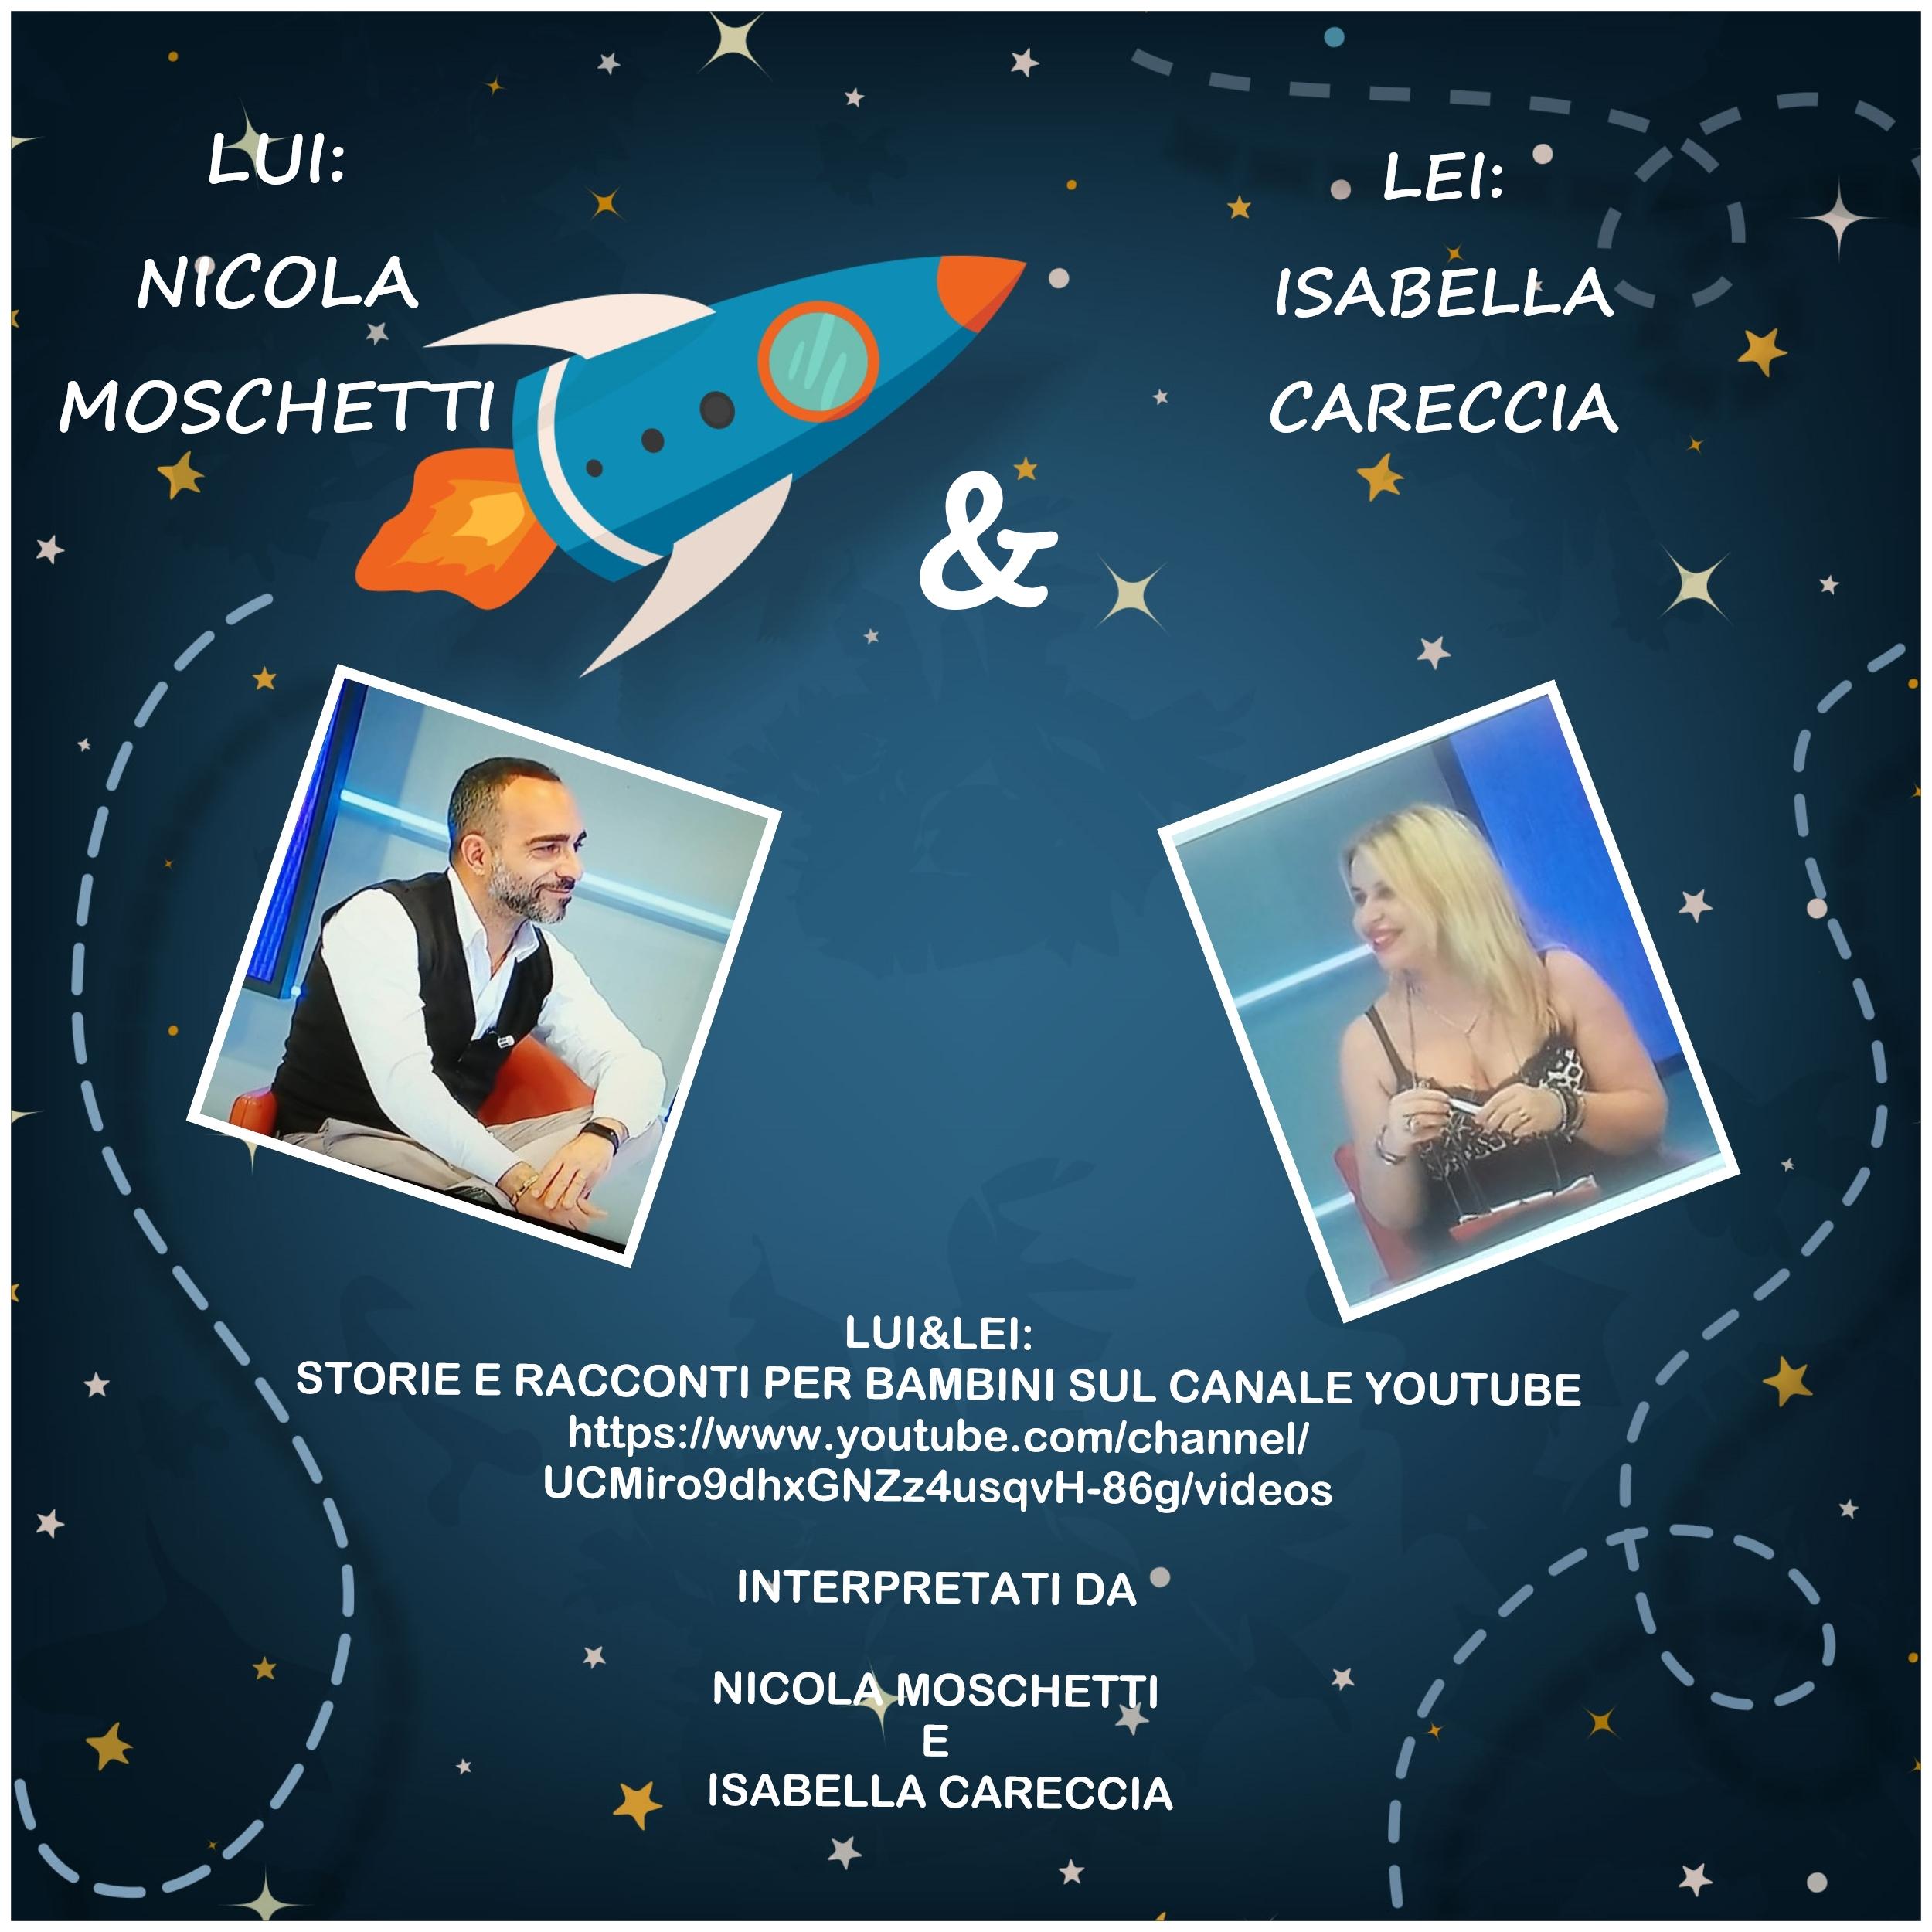 Nicola Moschetti e Isabella Careccia sono Lui&Lei